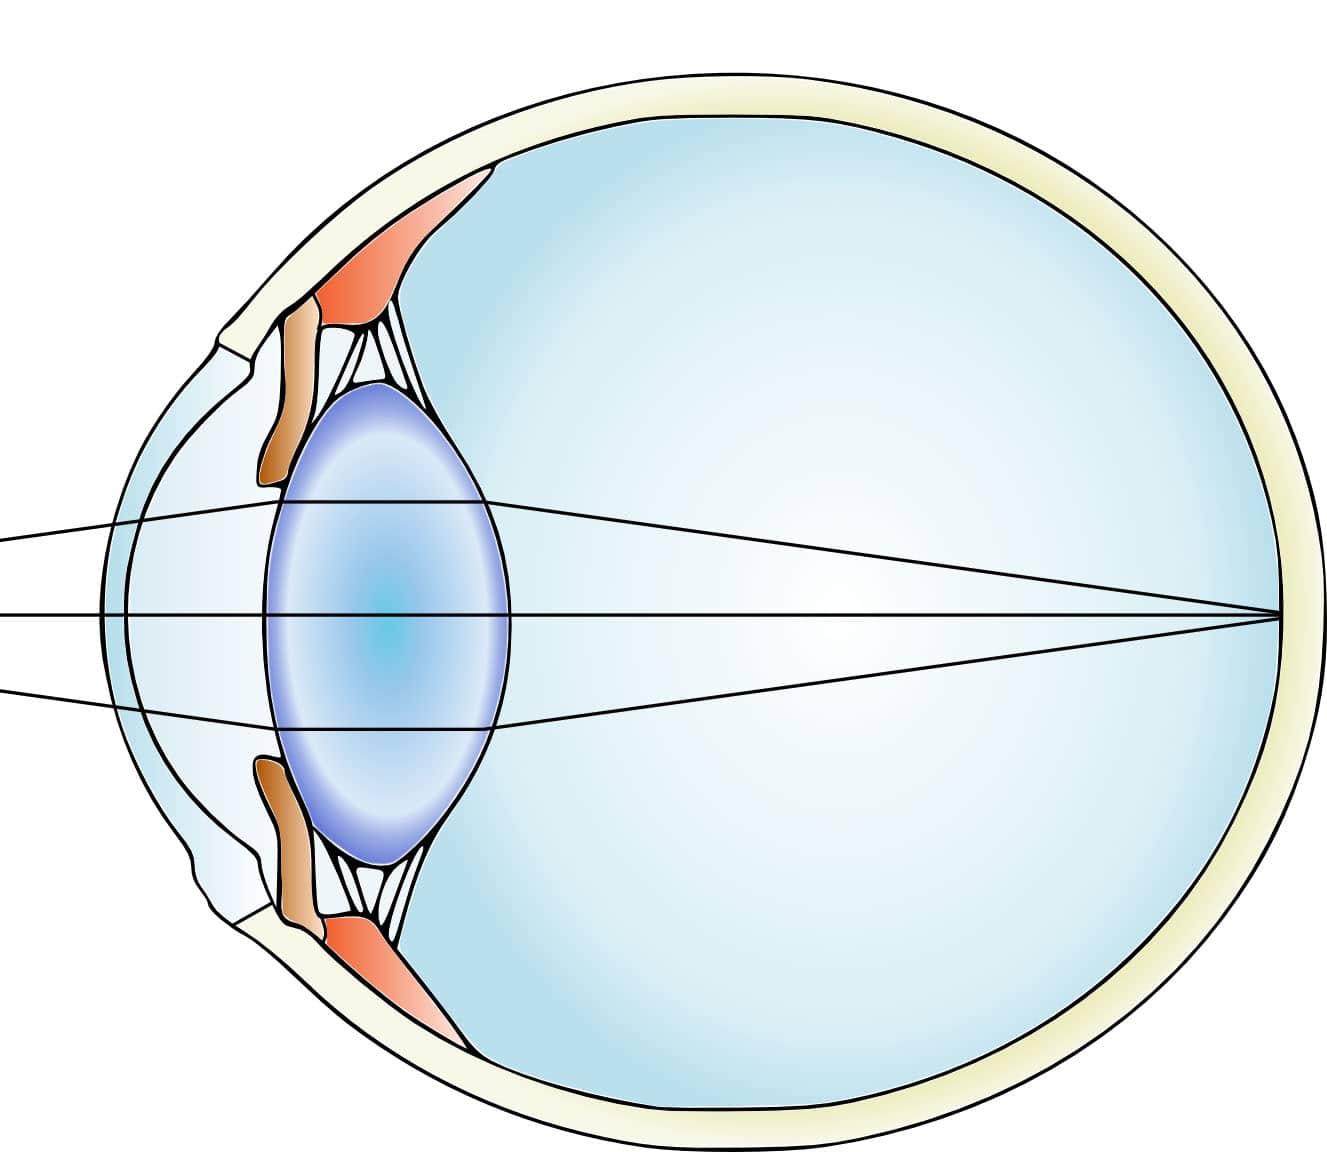 Le cristallin est une lentille naturelle située derrière l'iris